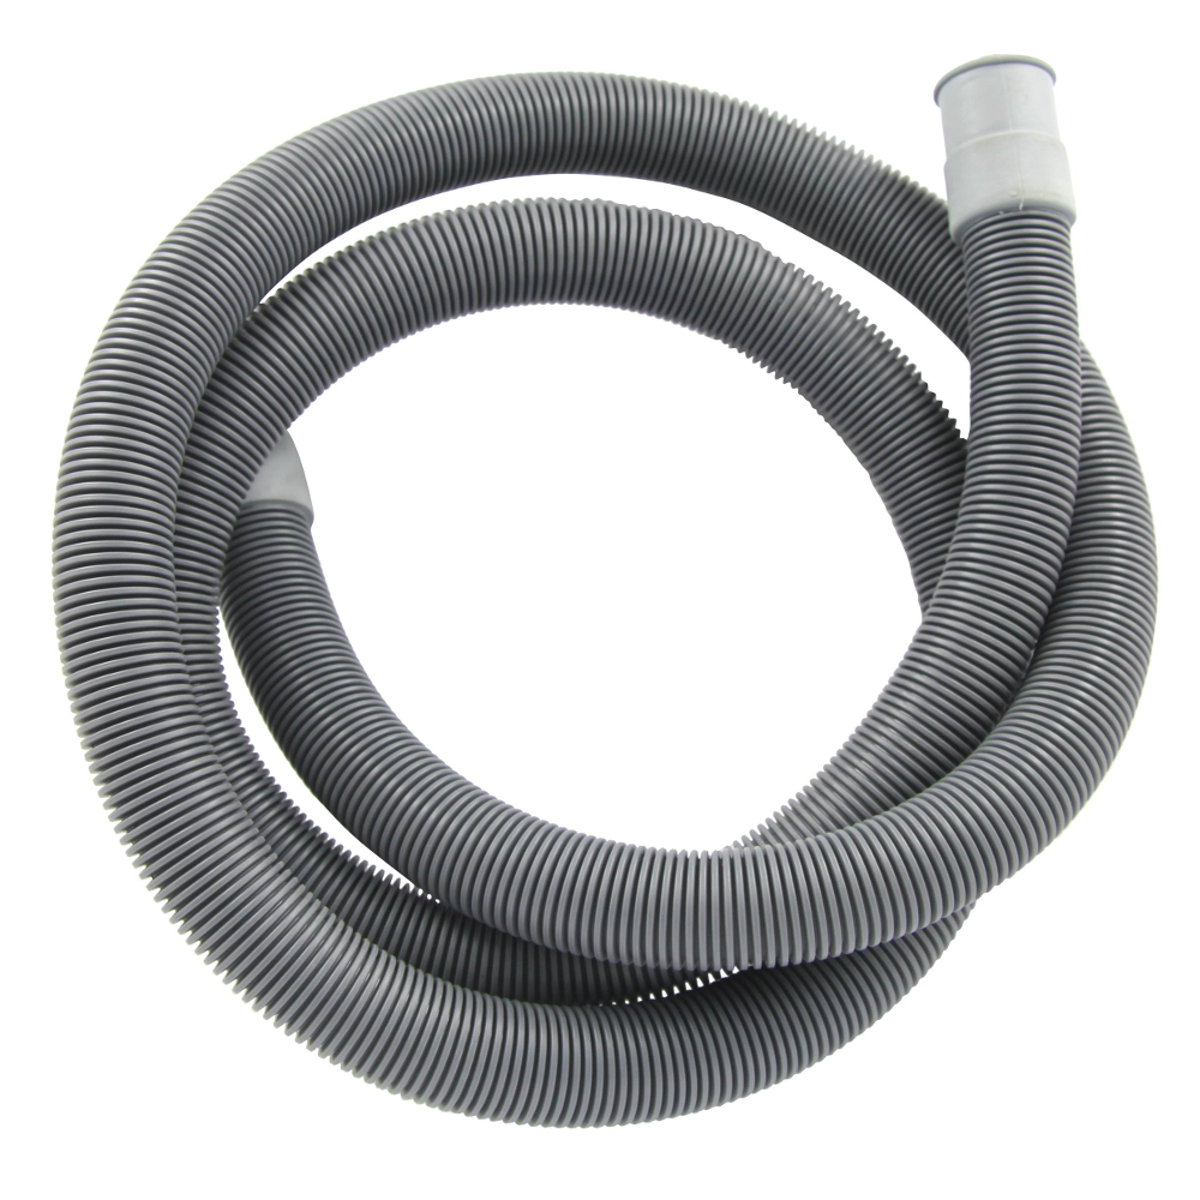 Шланг сливной для стиральной машины, 3,5м ЗИП-ФЛЕКСИС.100353Шланг сливной предназначен для отведения использованной воды в систему канализацииДлина 3,5 метра.